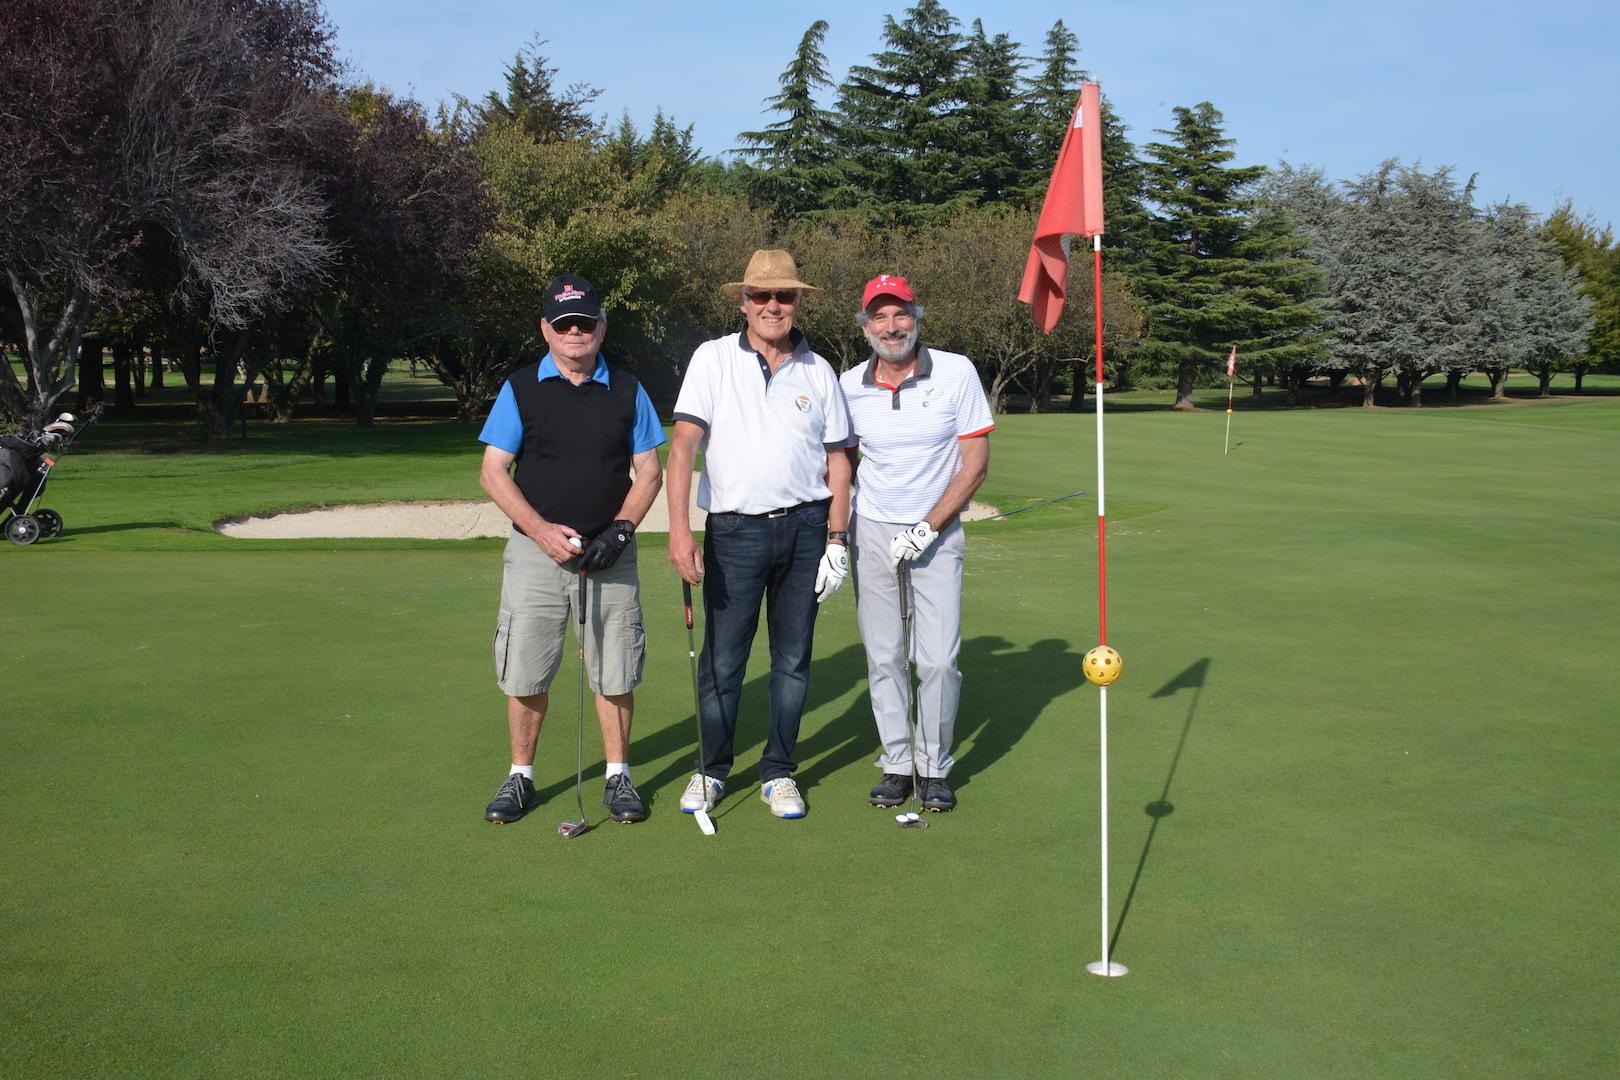 Daniel, Gilles, Jean-Manuel